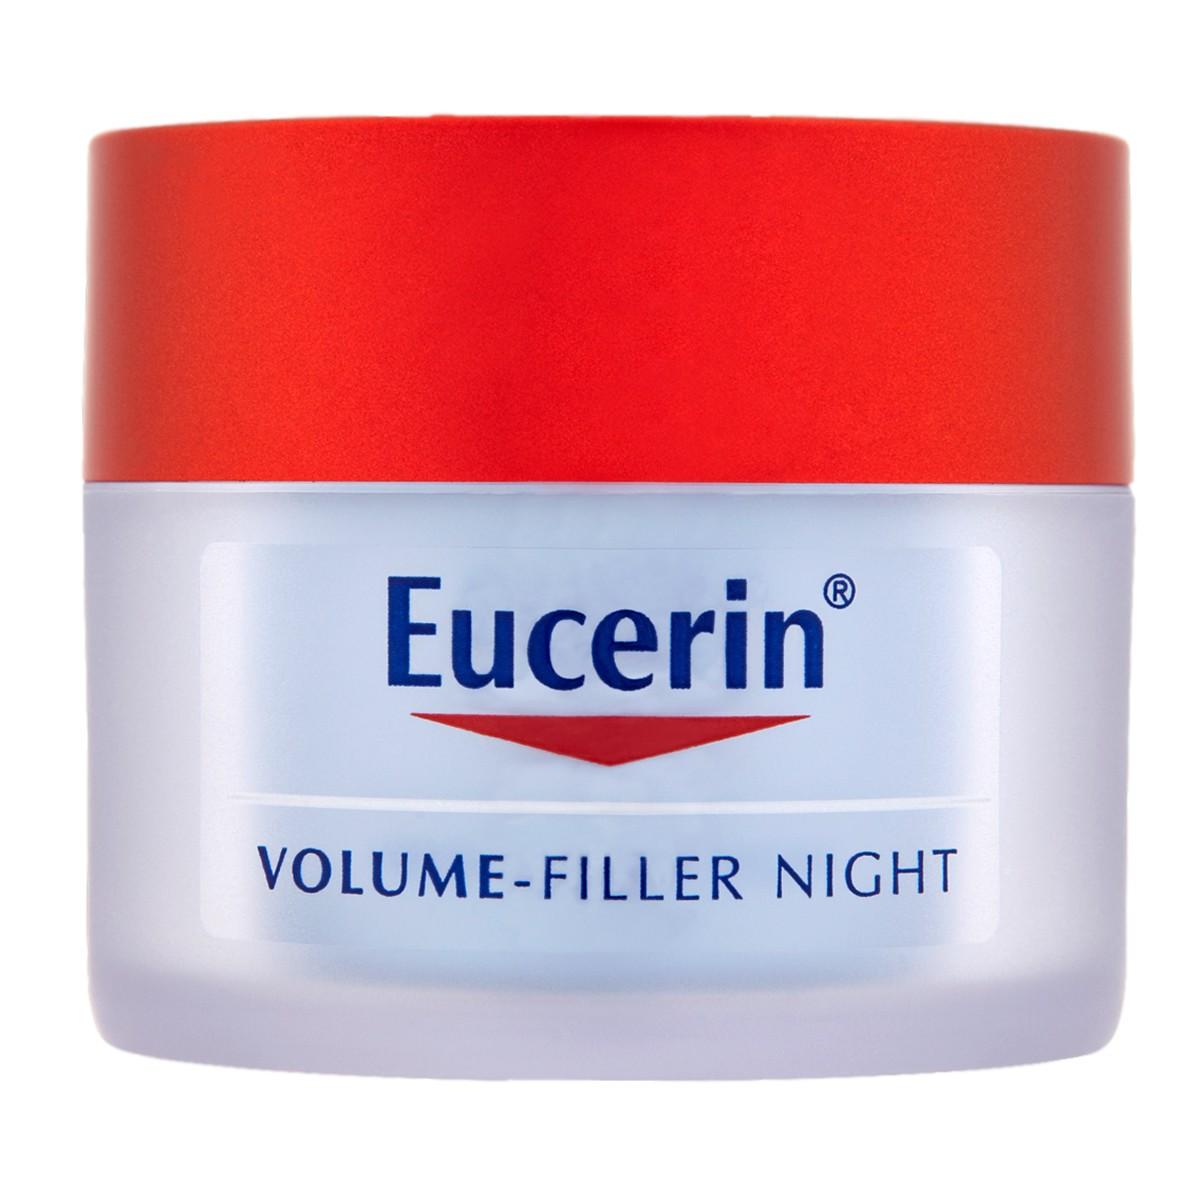 Eucerin Volume-Filler Night Cream